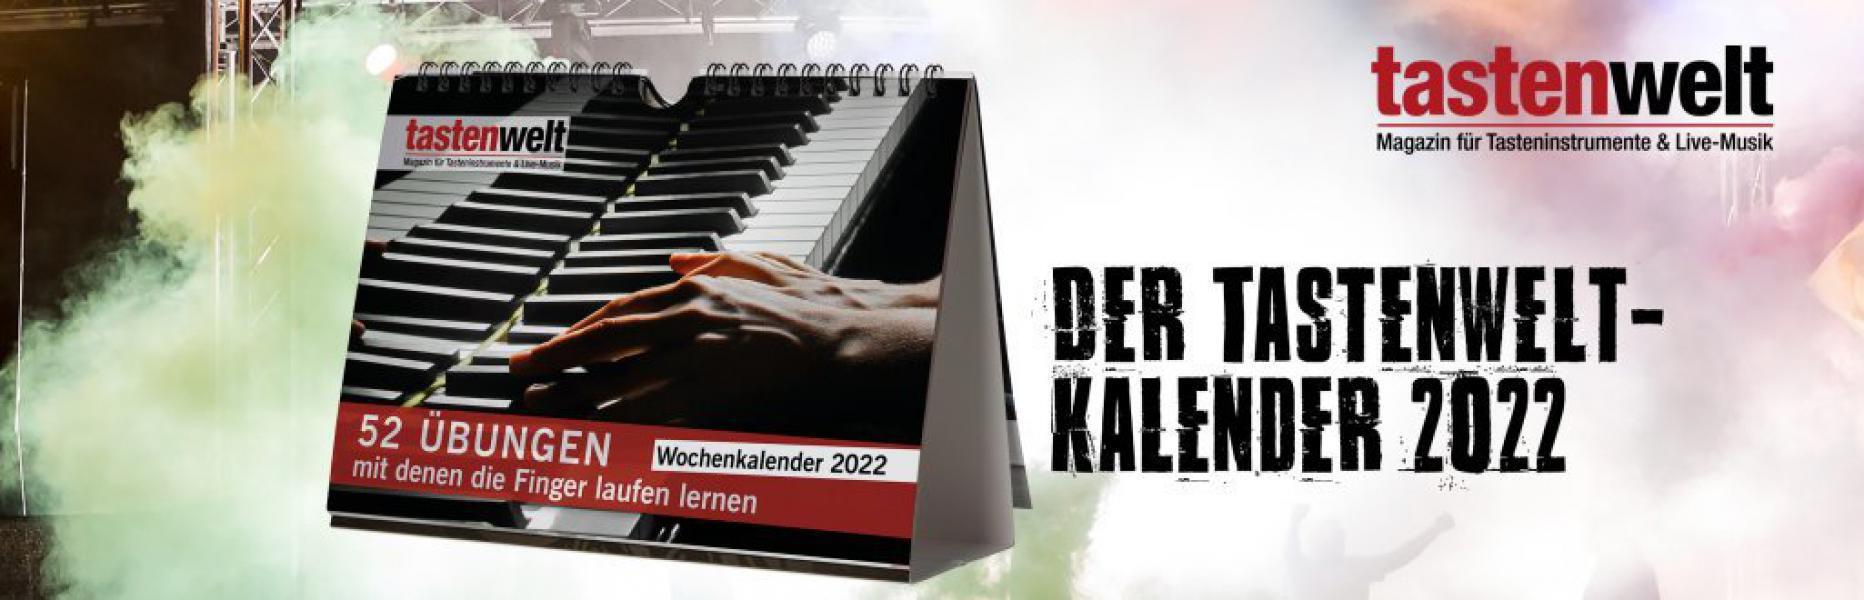 tastenwelt Wochenkalender 2022